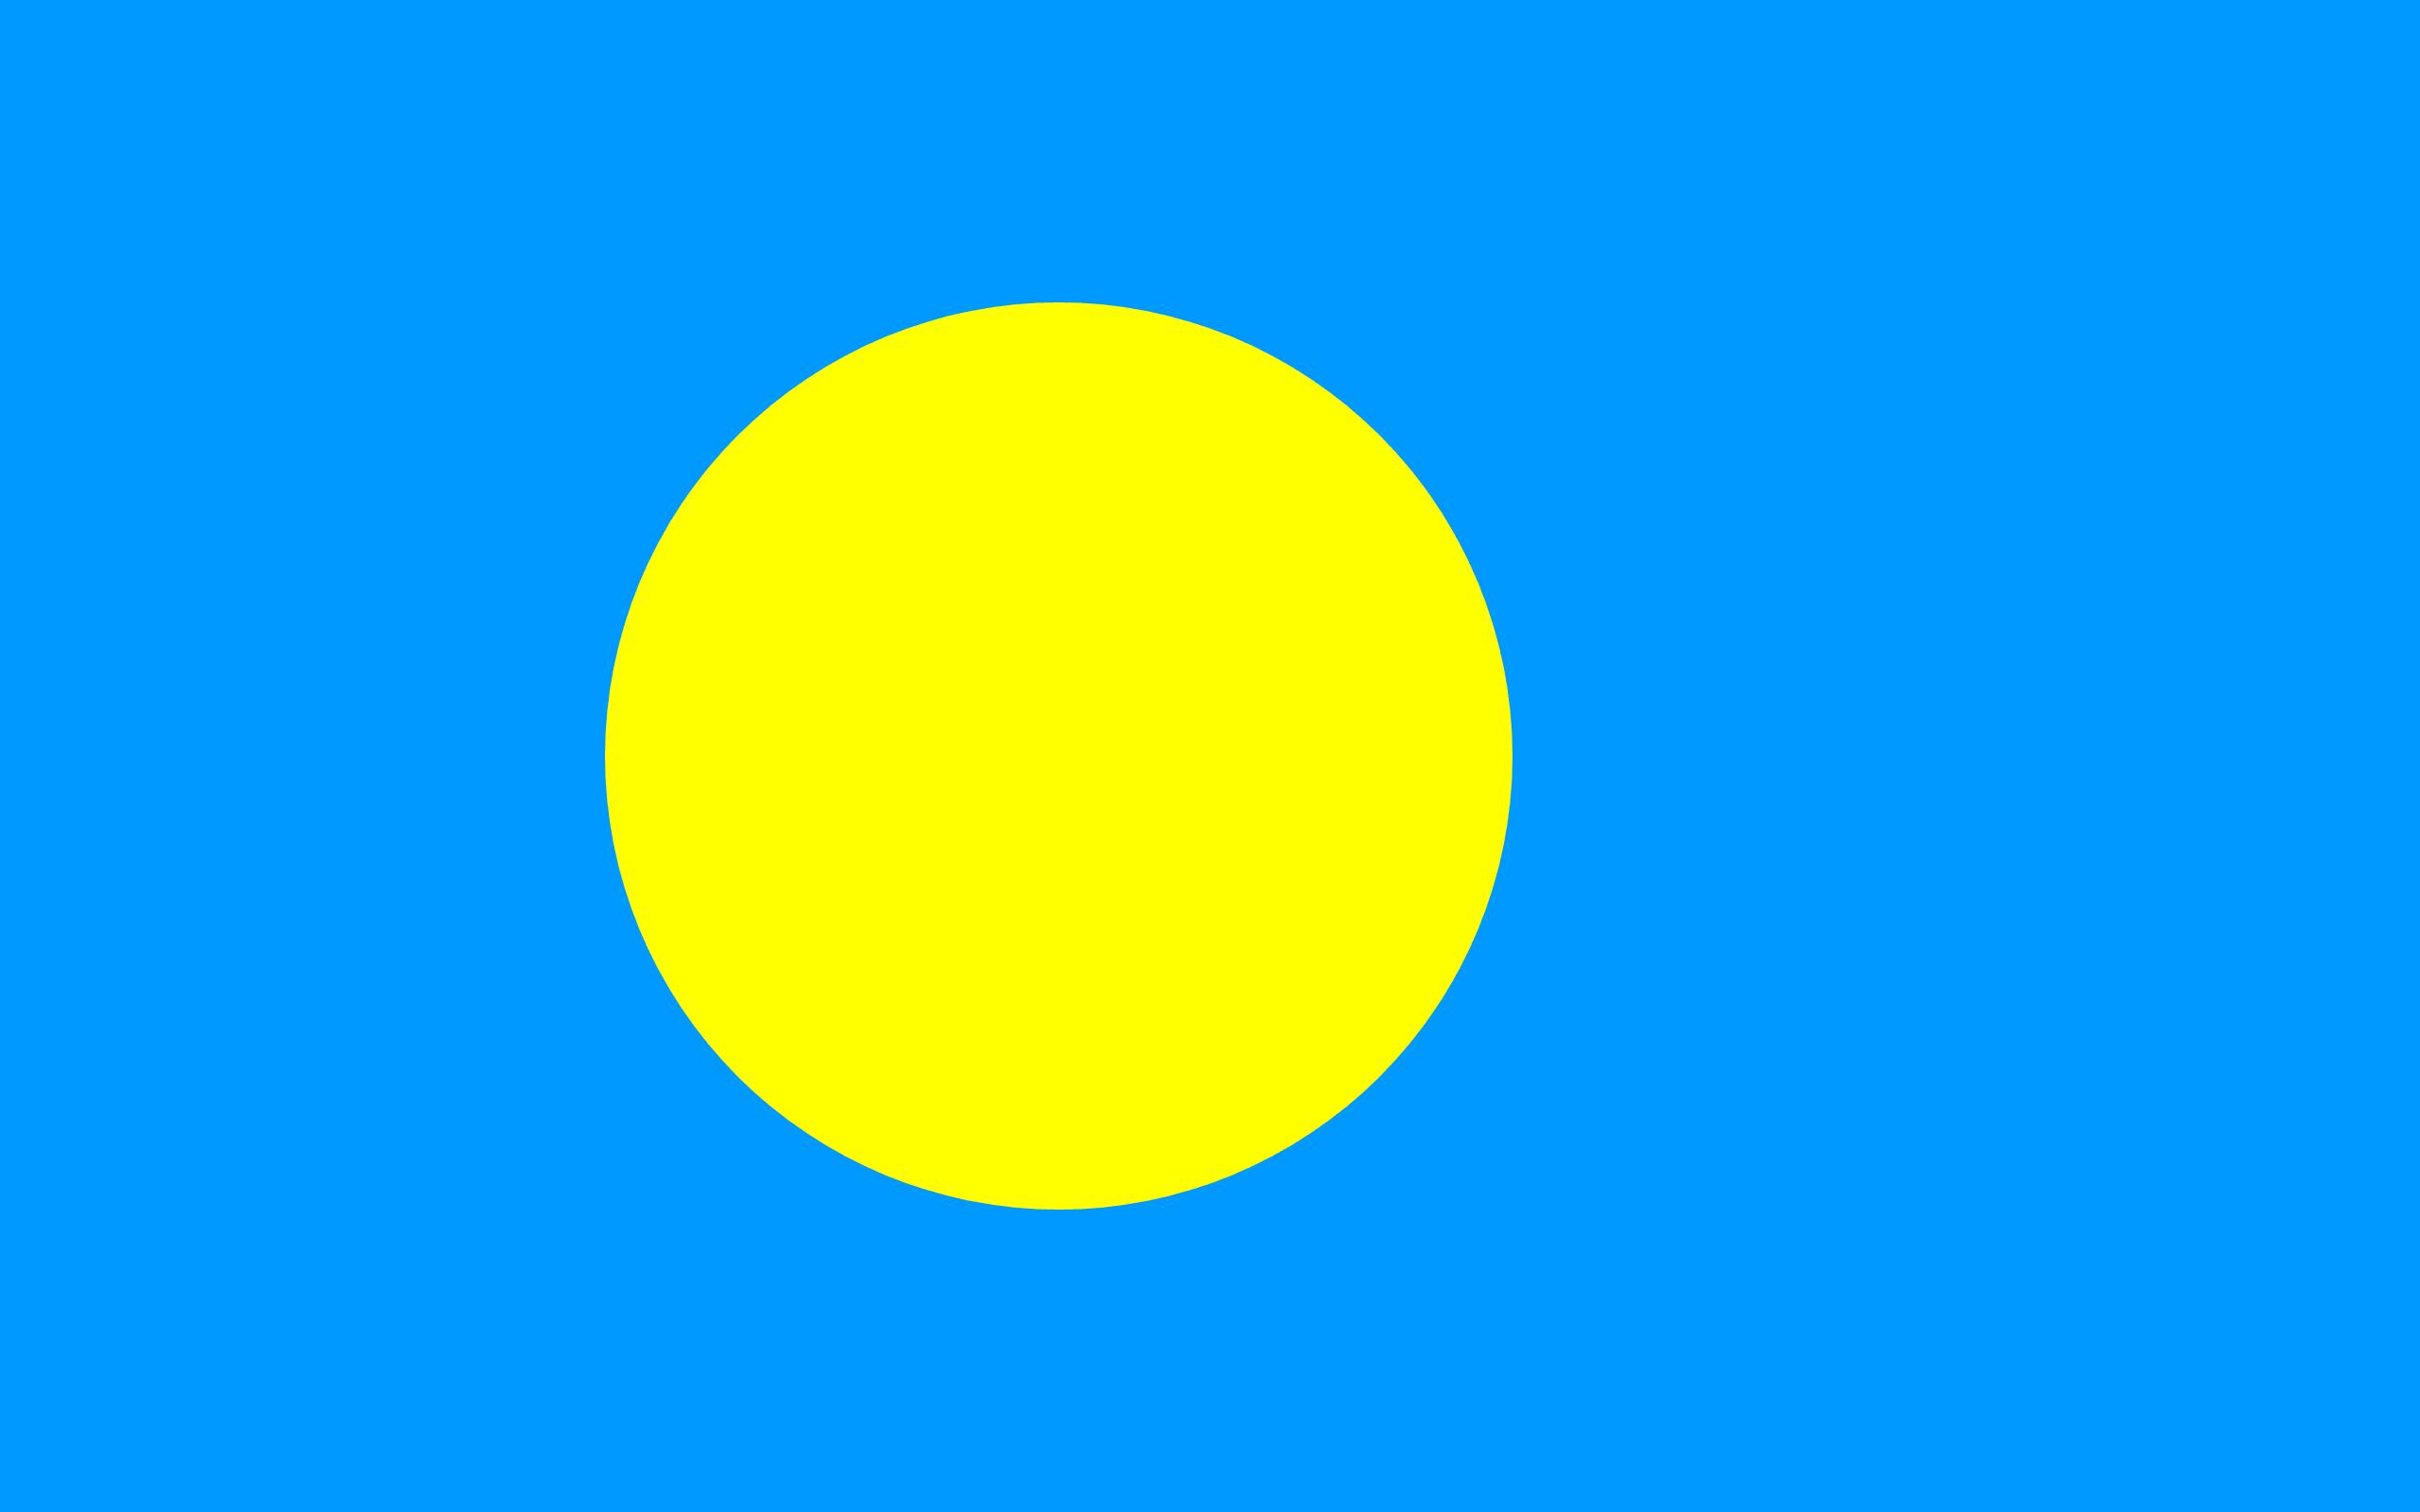 Palau'nun Başkenti ve Para Birimi Nedir? Palau'nun Bayrağı Nasıldır?